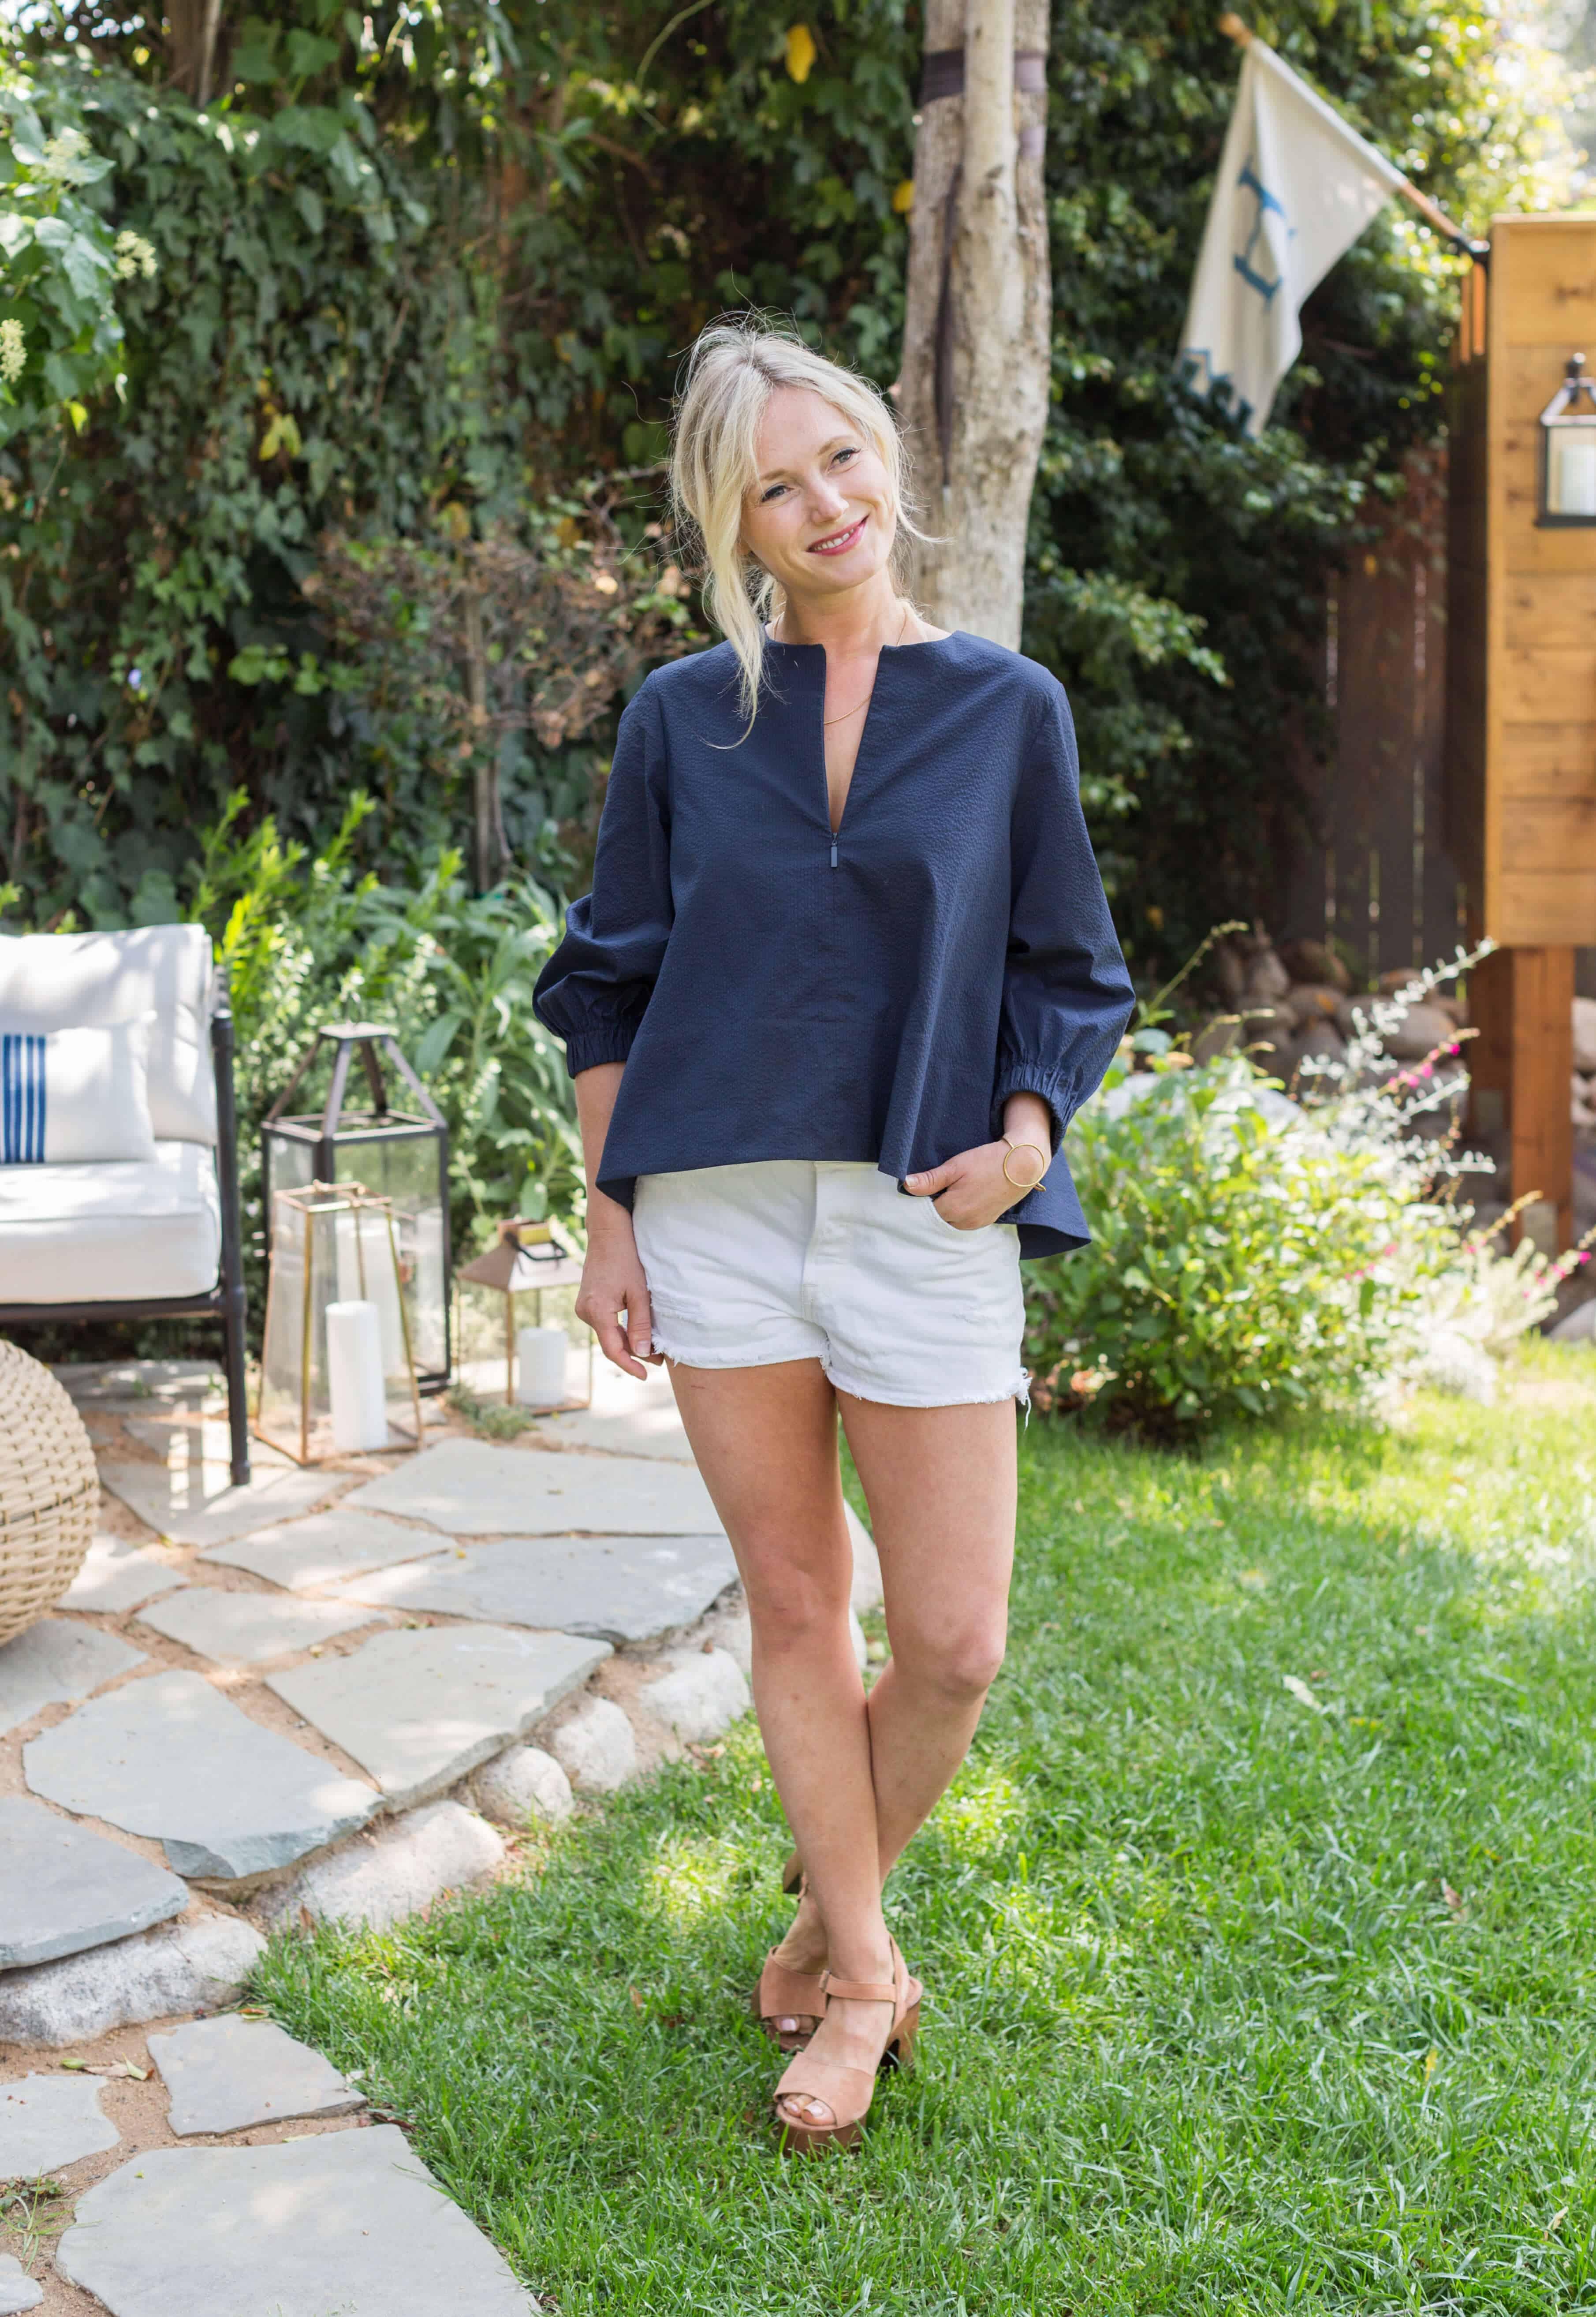 Emily-Henderson-Summer-Essentials-Fashion00015